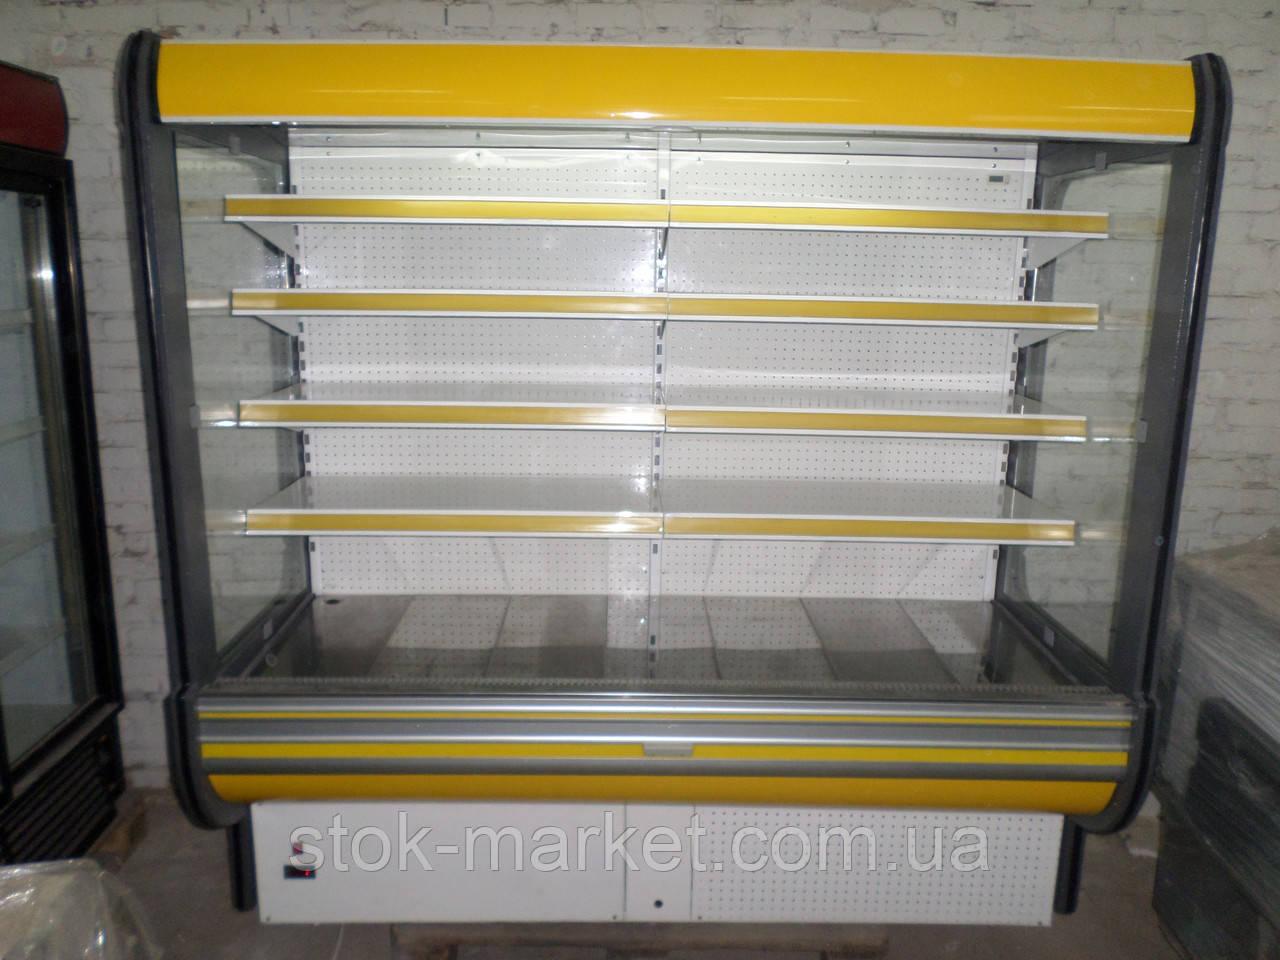 Холодильная горка GOLD-R20 бу,  Холодилый регал  б/у, горка холодильная б.у.